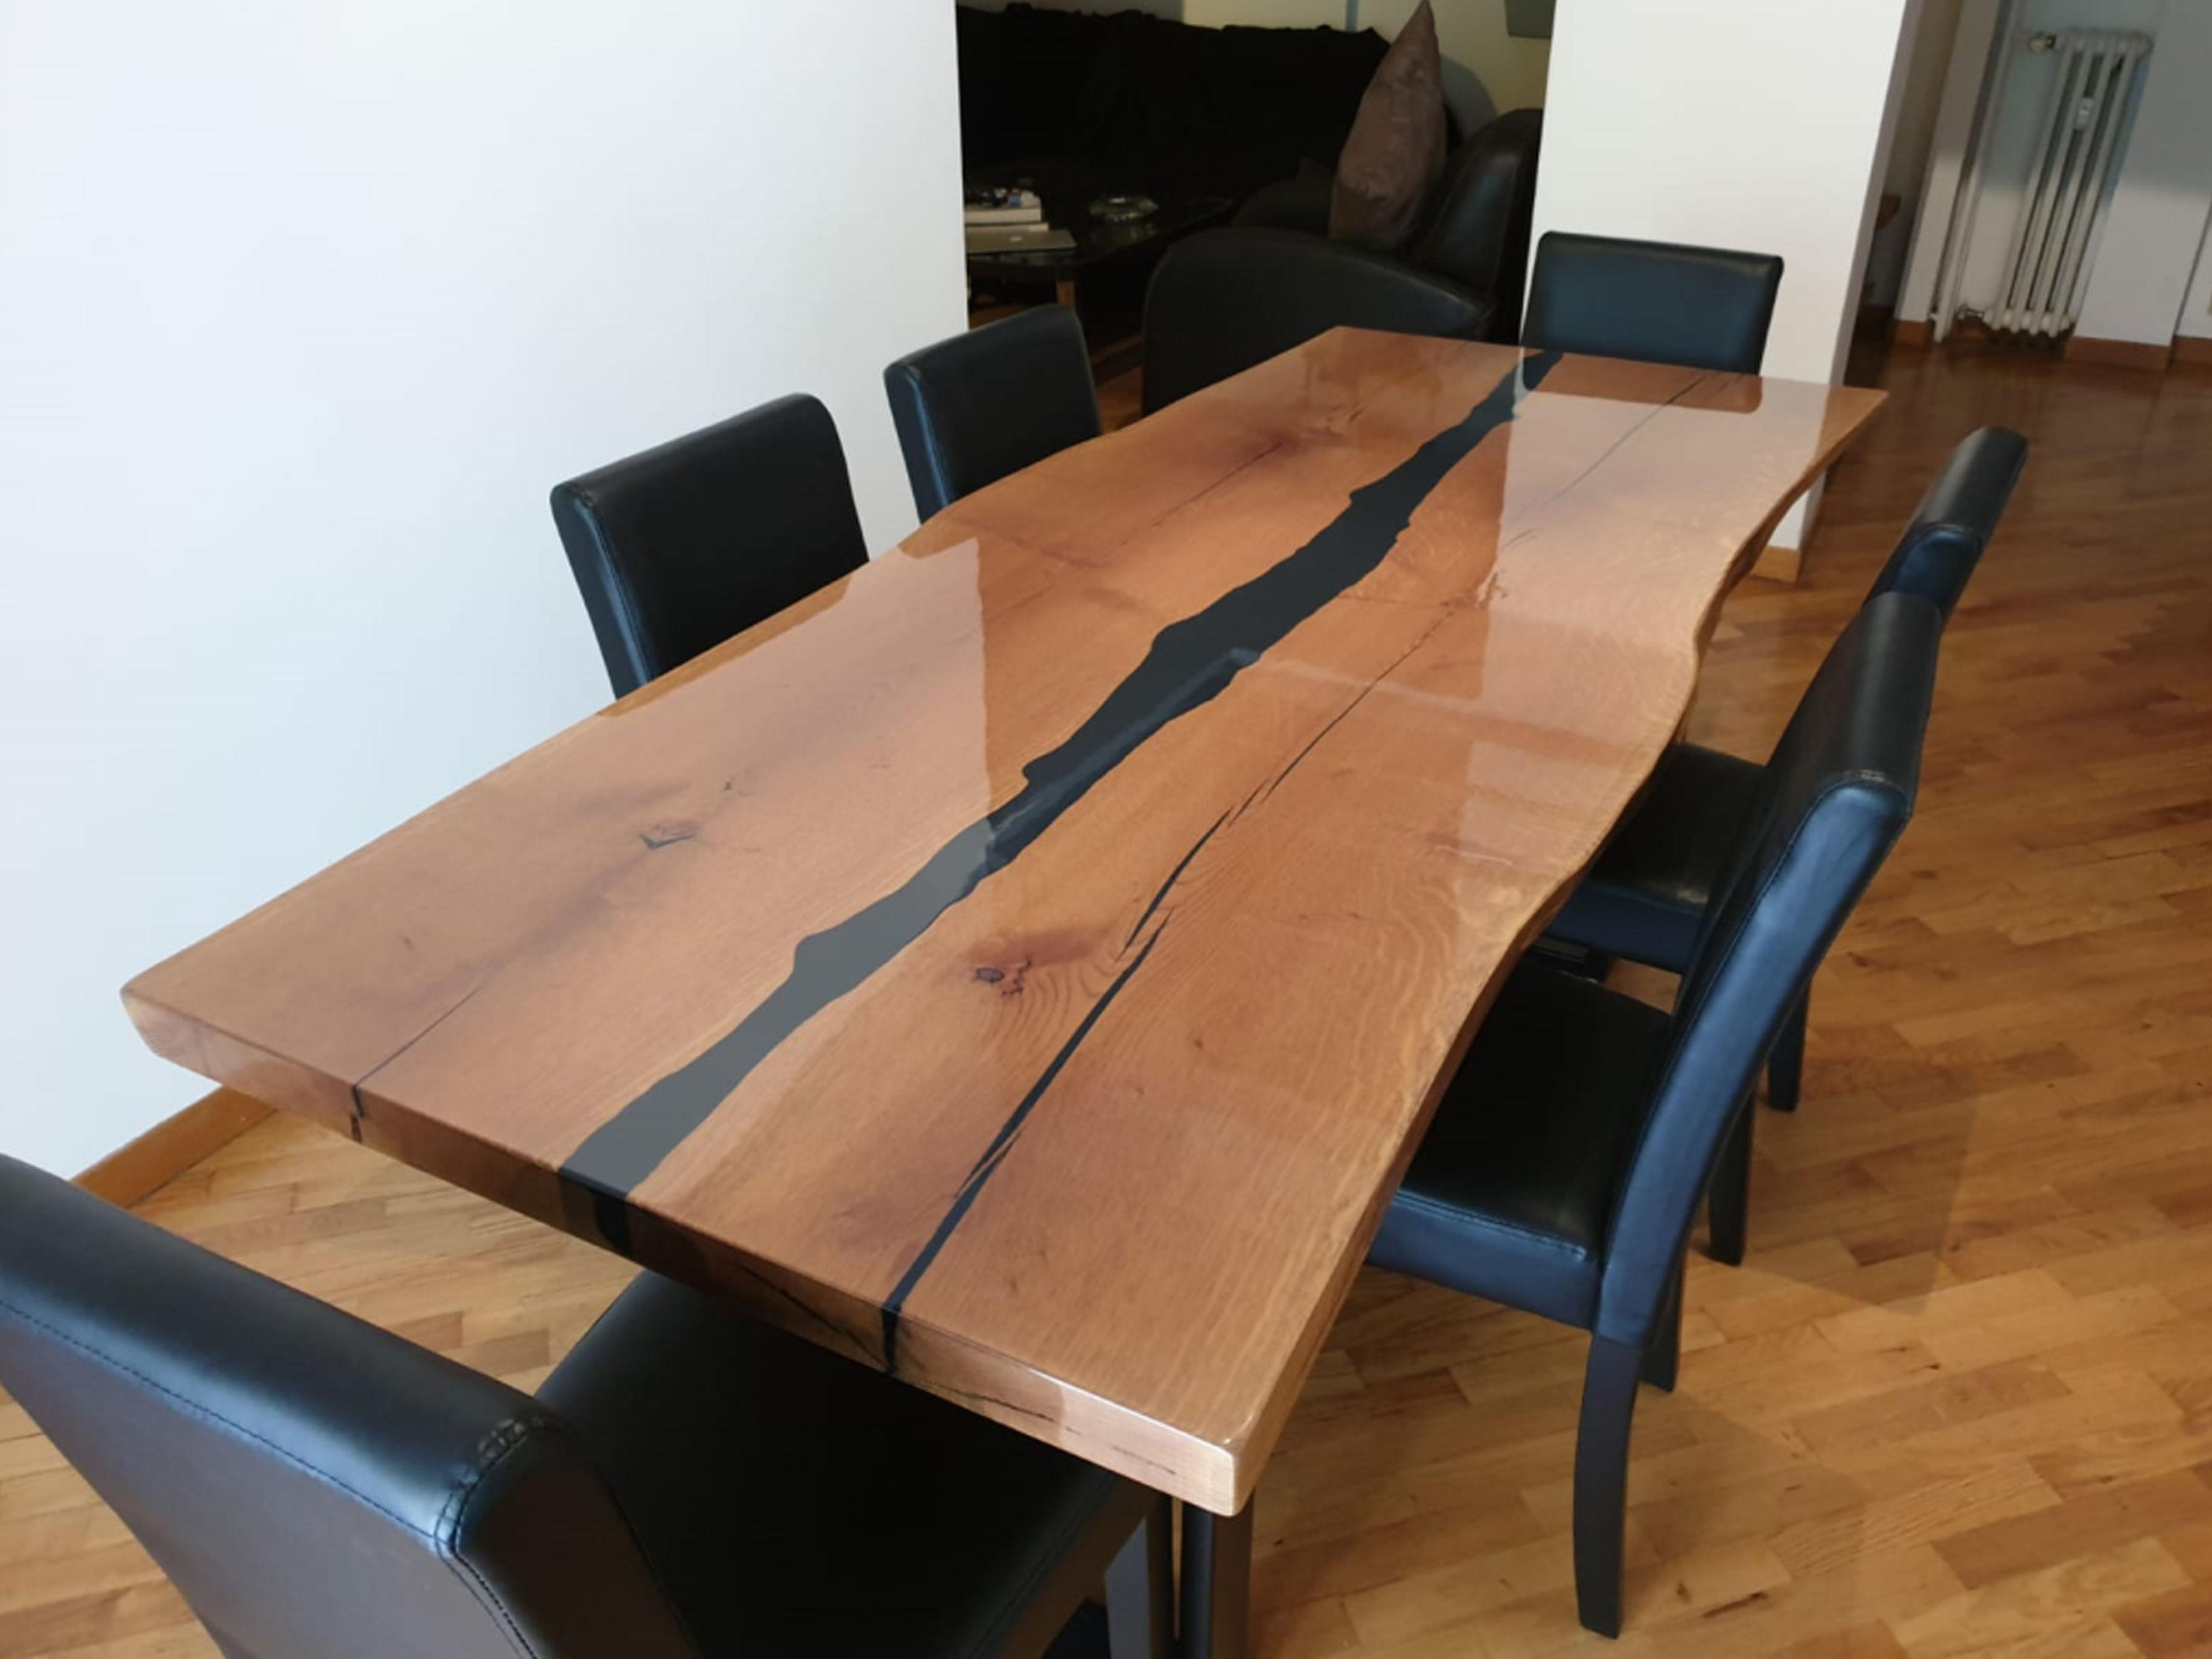 tavolo con piano in legno naturale e venature nere e sedie nere in pelle